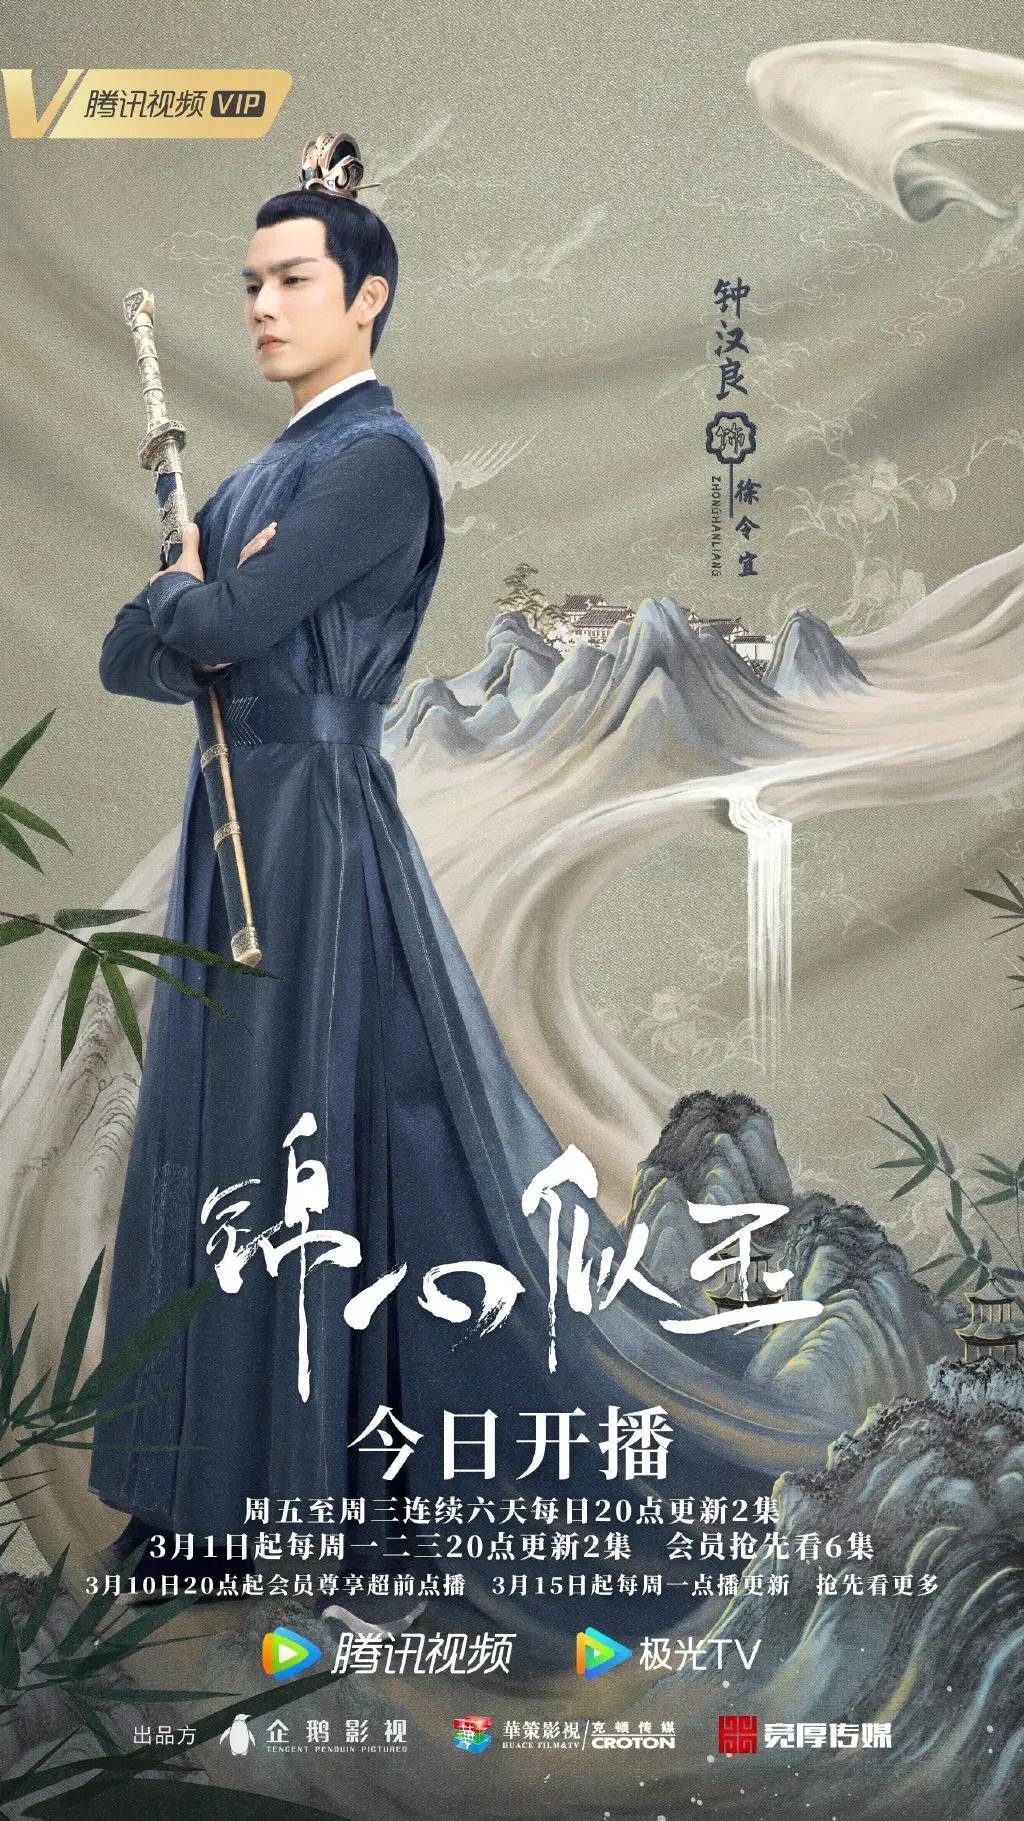 Zhong Han Liang